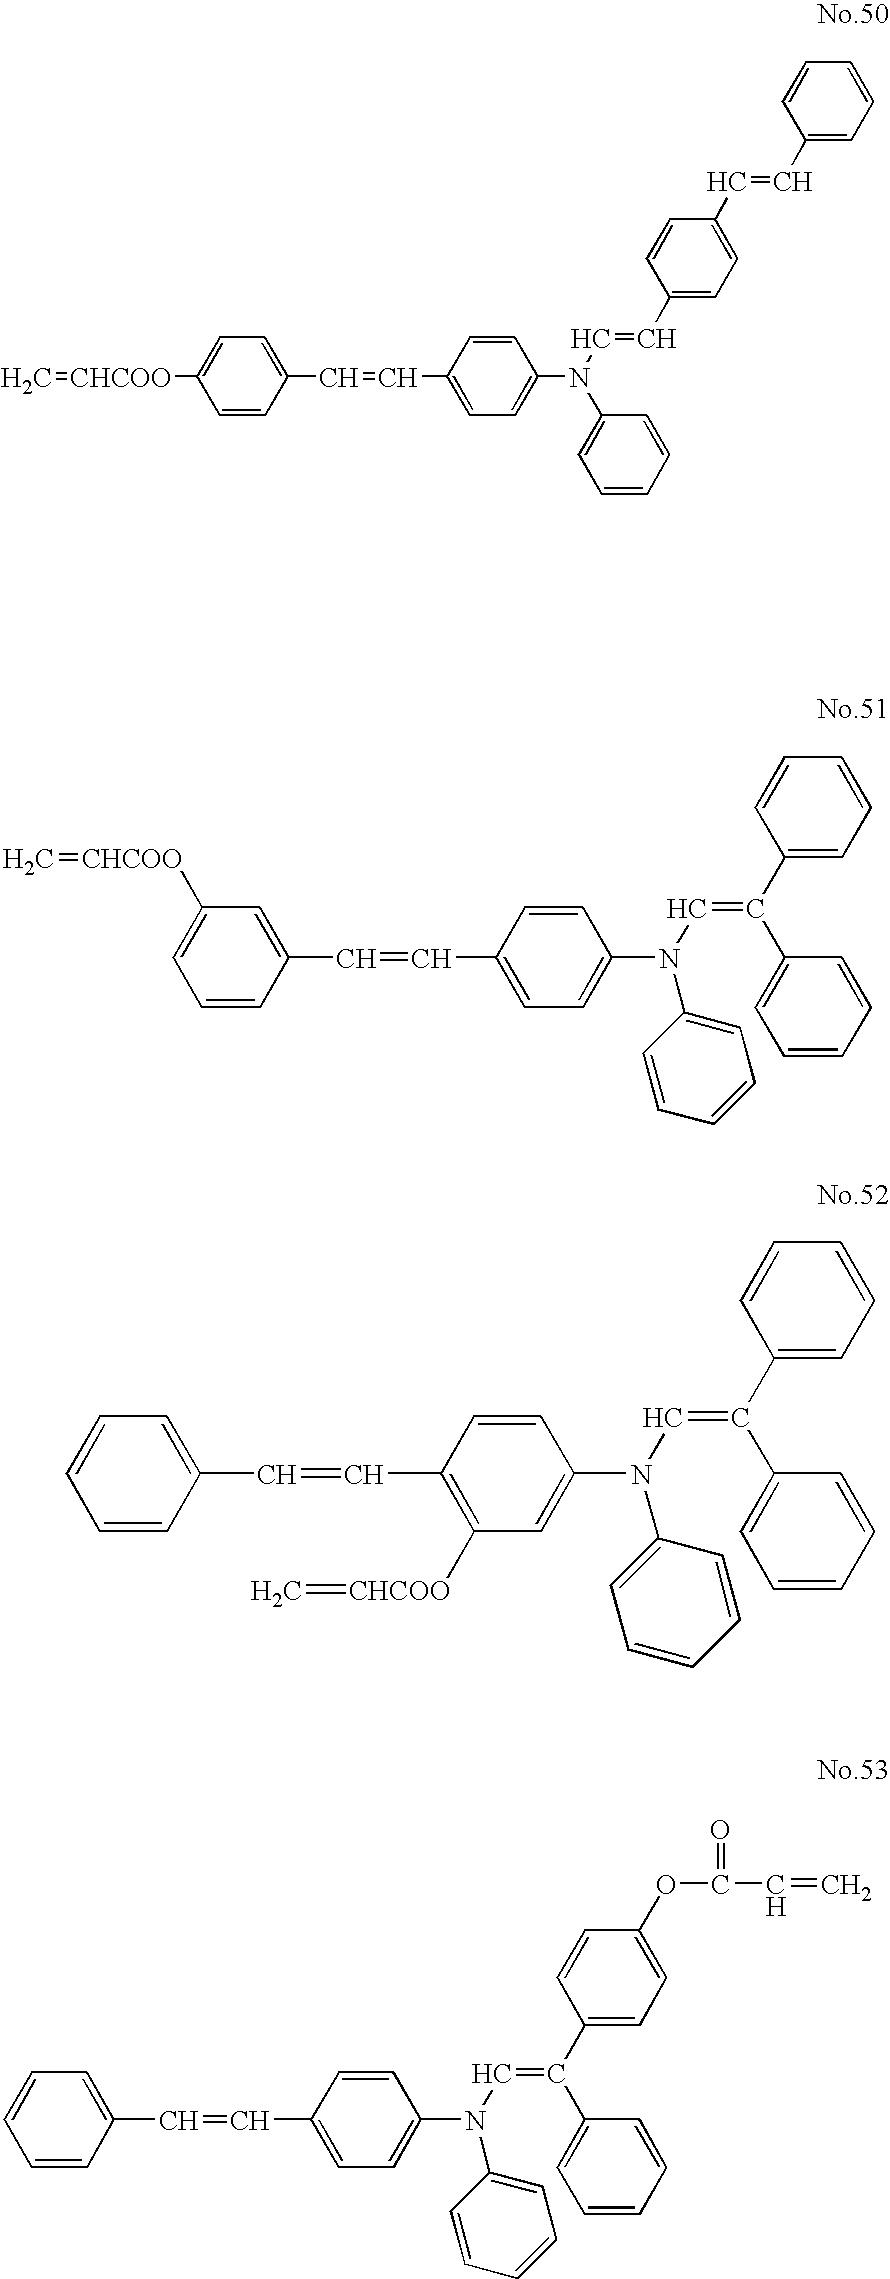 Figure US07507509-20090324-C00016